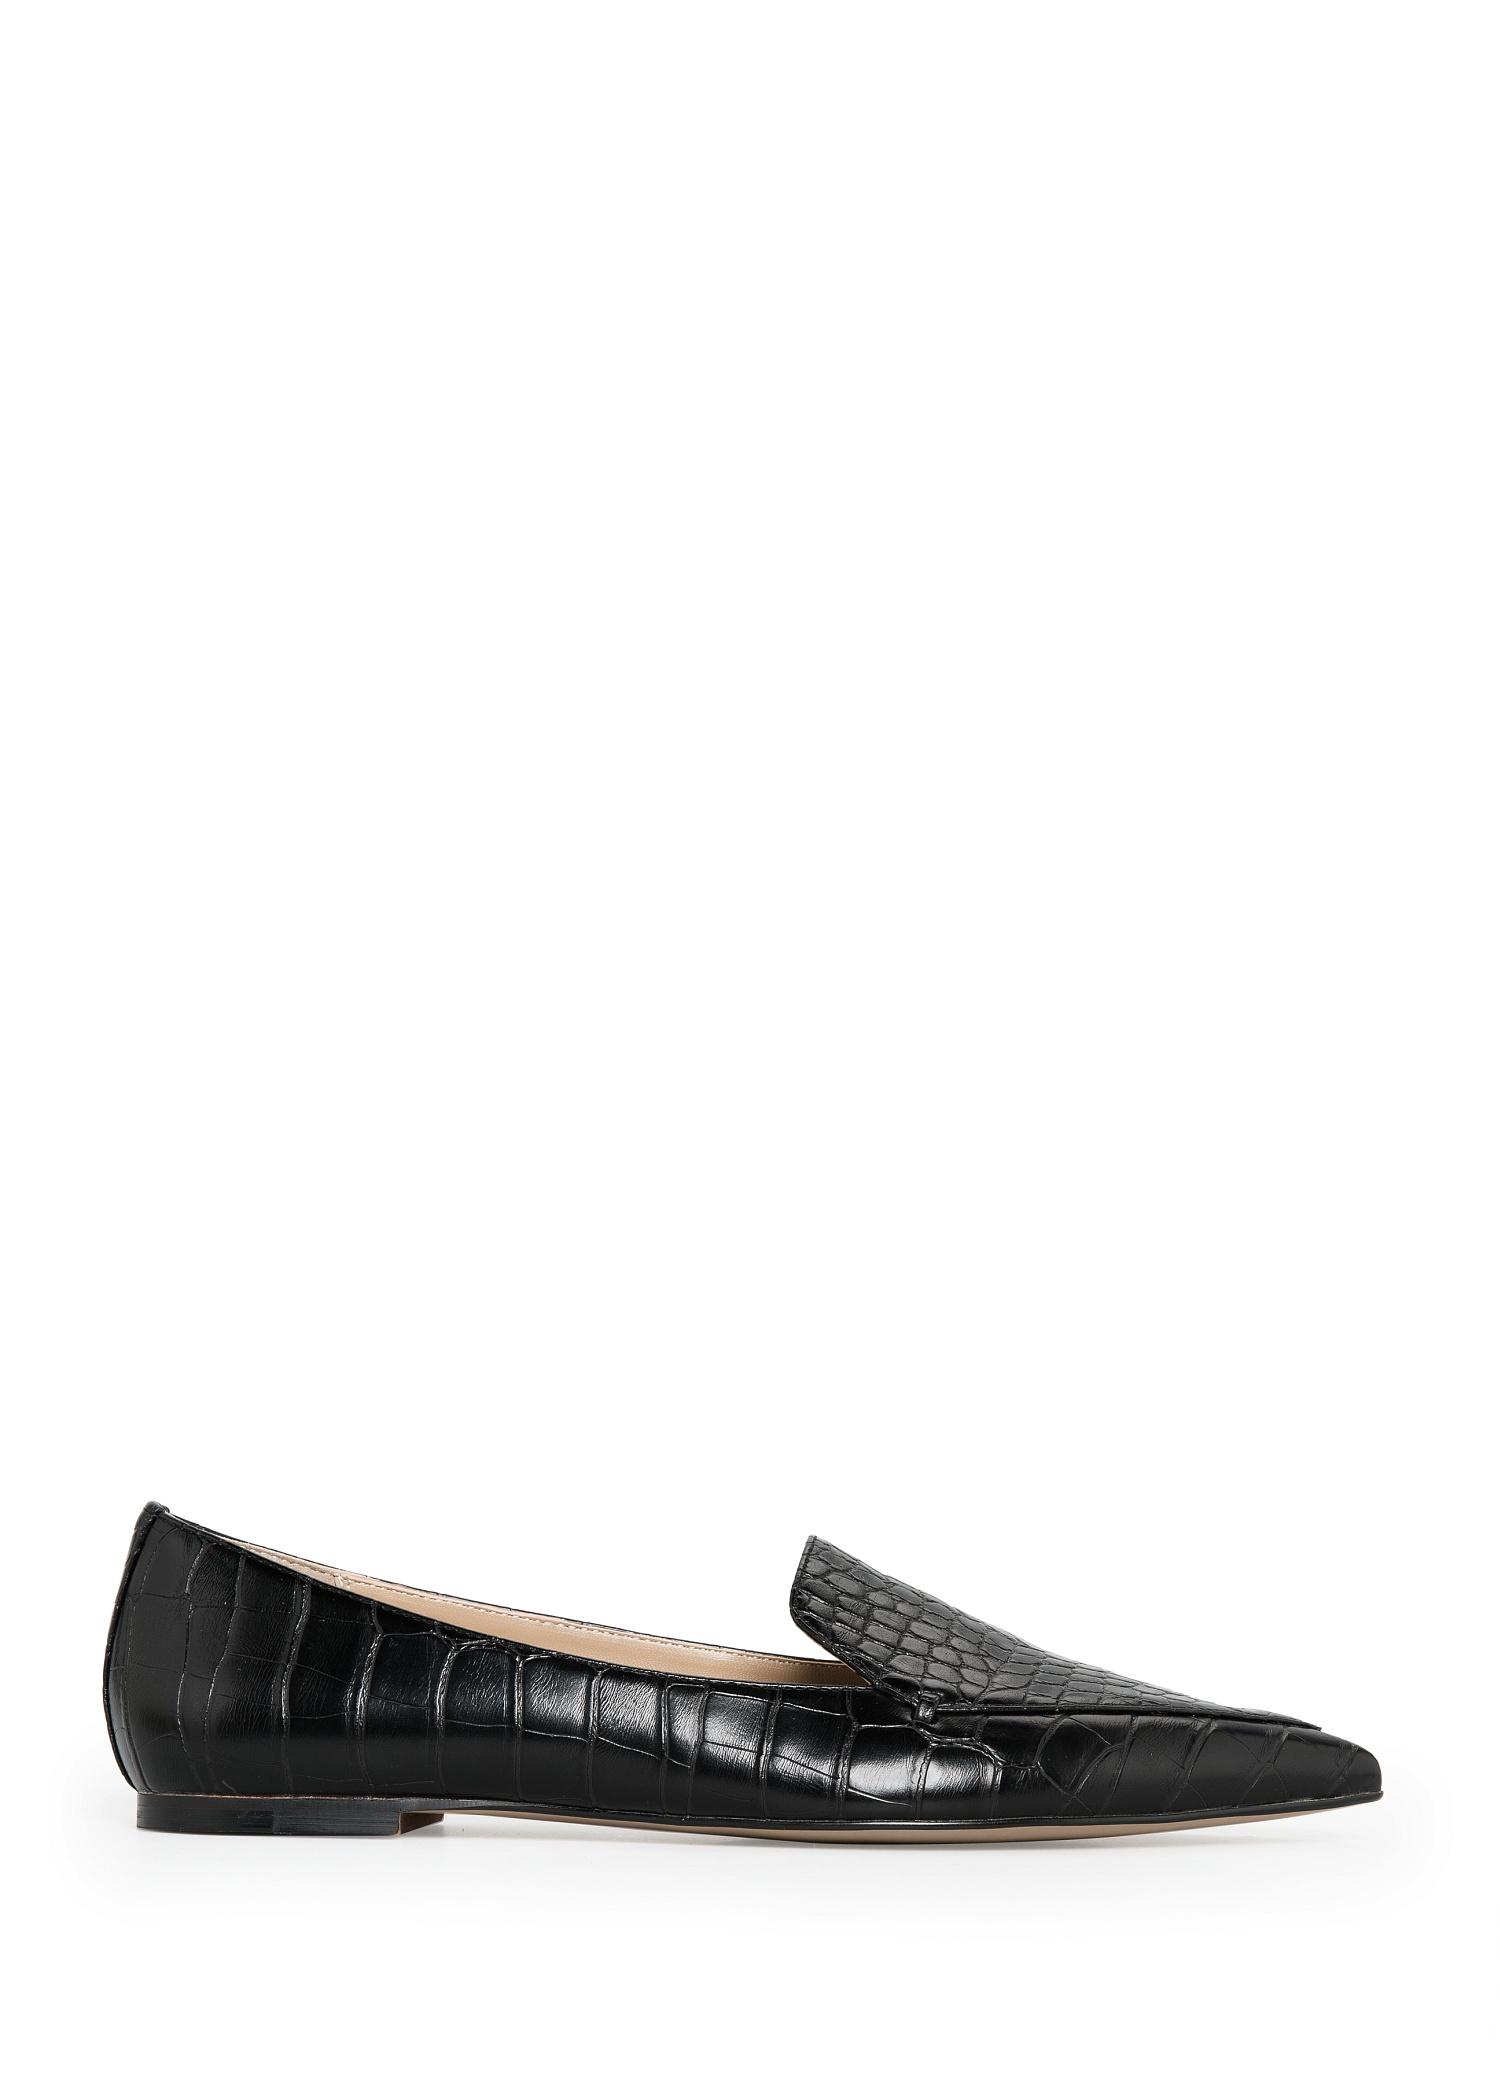 Puntslippers van krokodillenleer - Schoenen voor Dames | MANGO